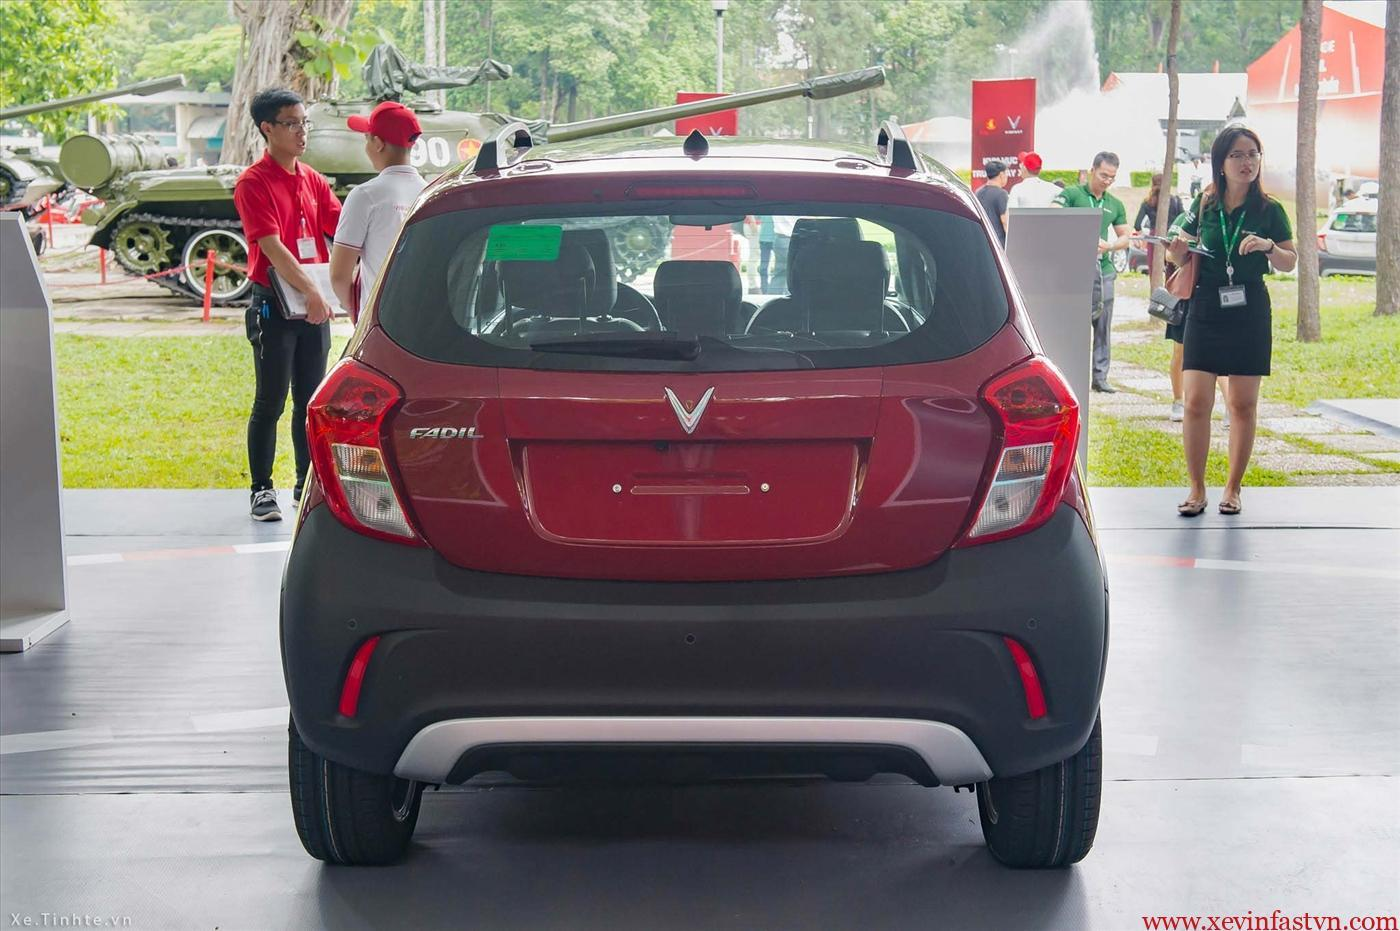 Vinfast Fadil Hatchback 1.4L At Phiên Bản Tiêu Chuẩn (Máy Xăng) - Hình 13